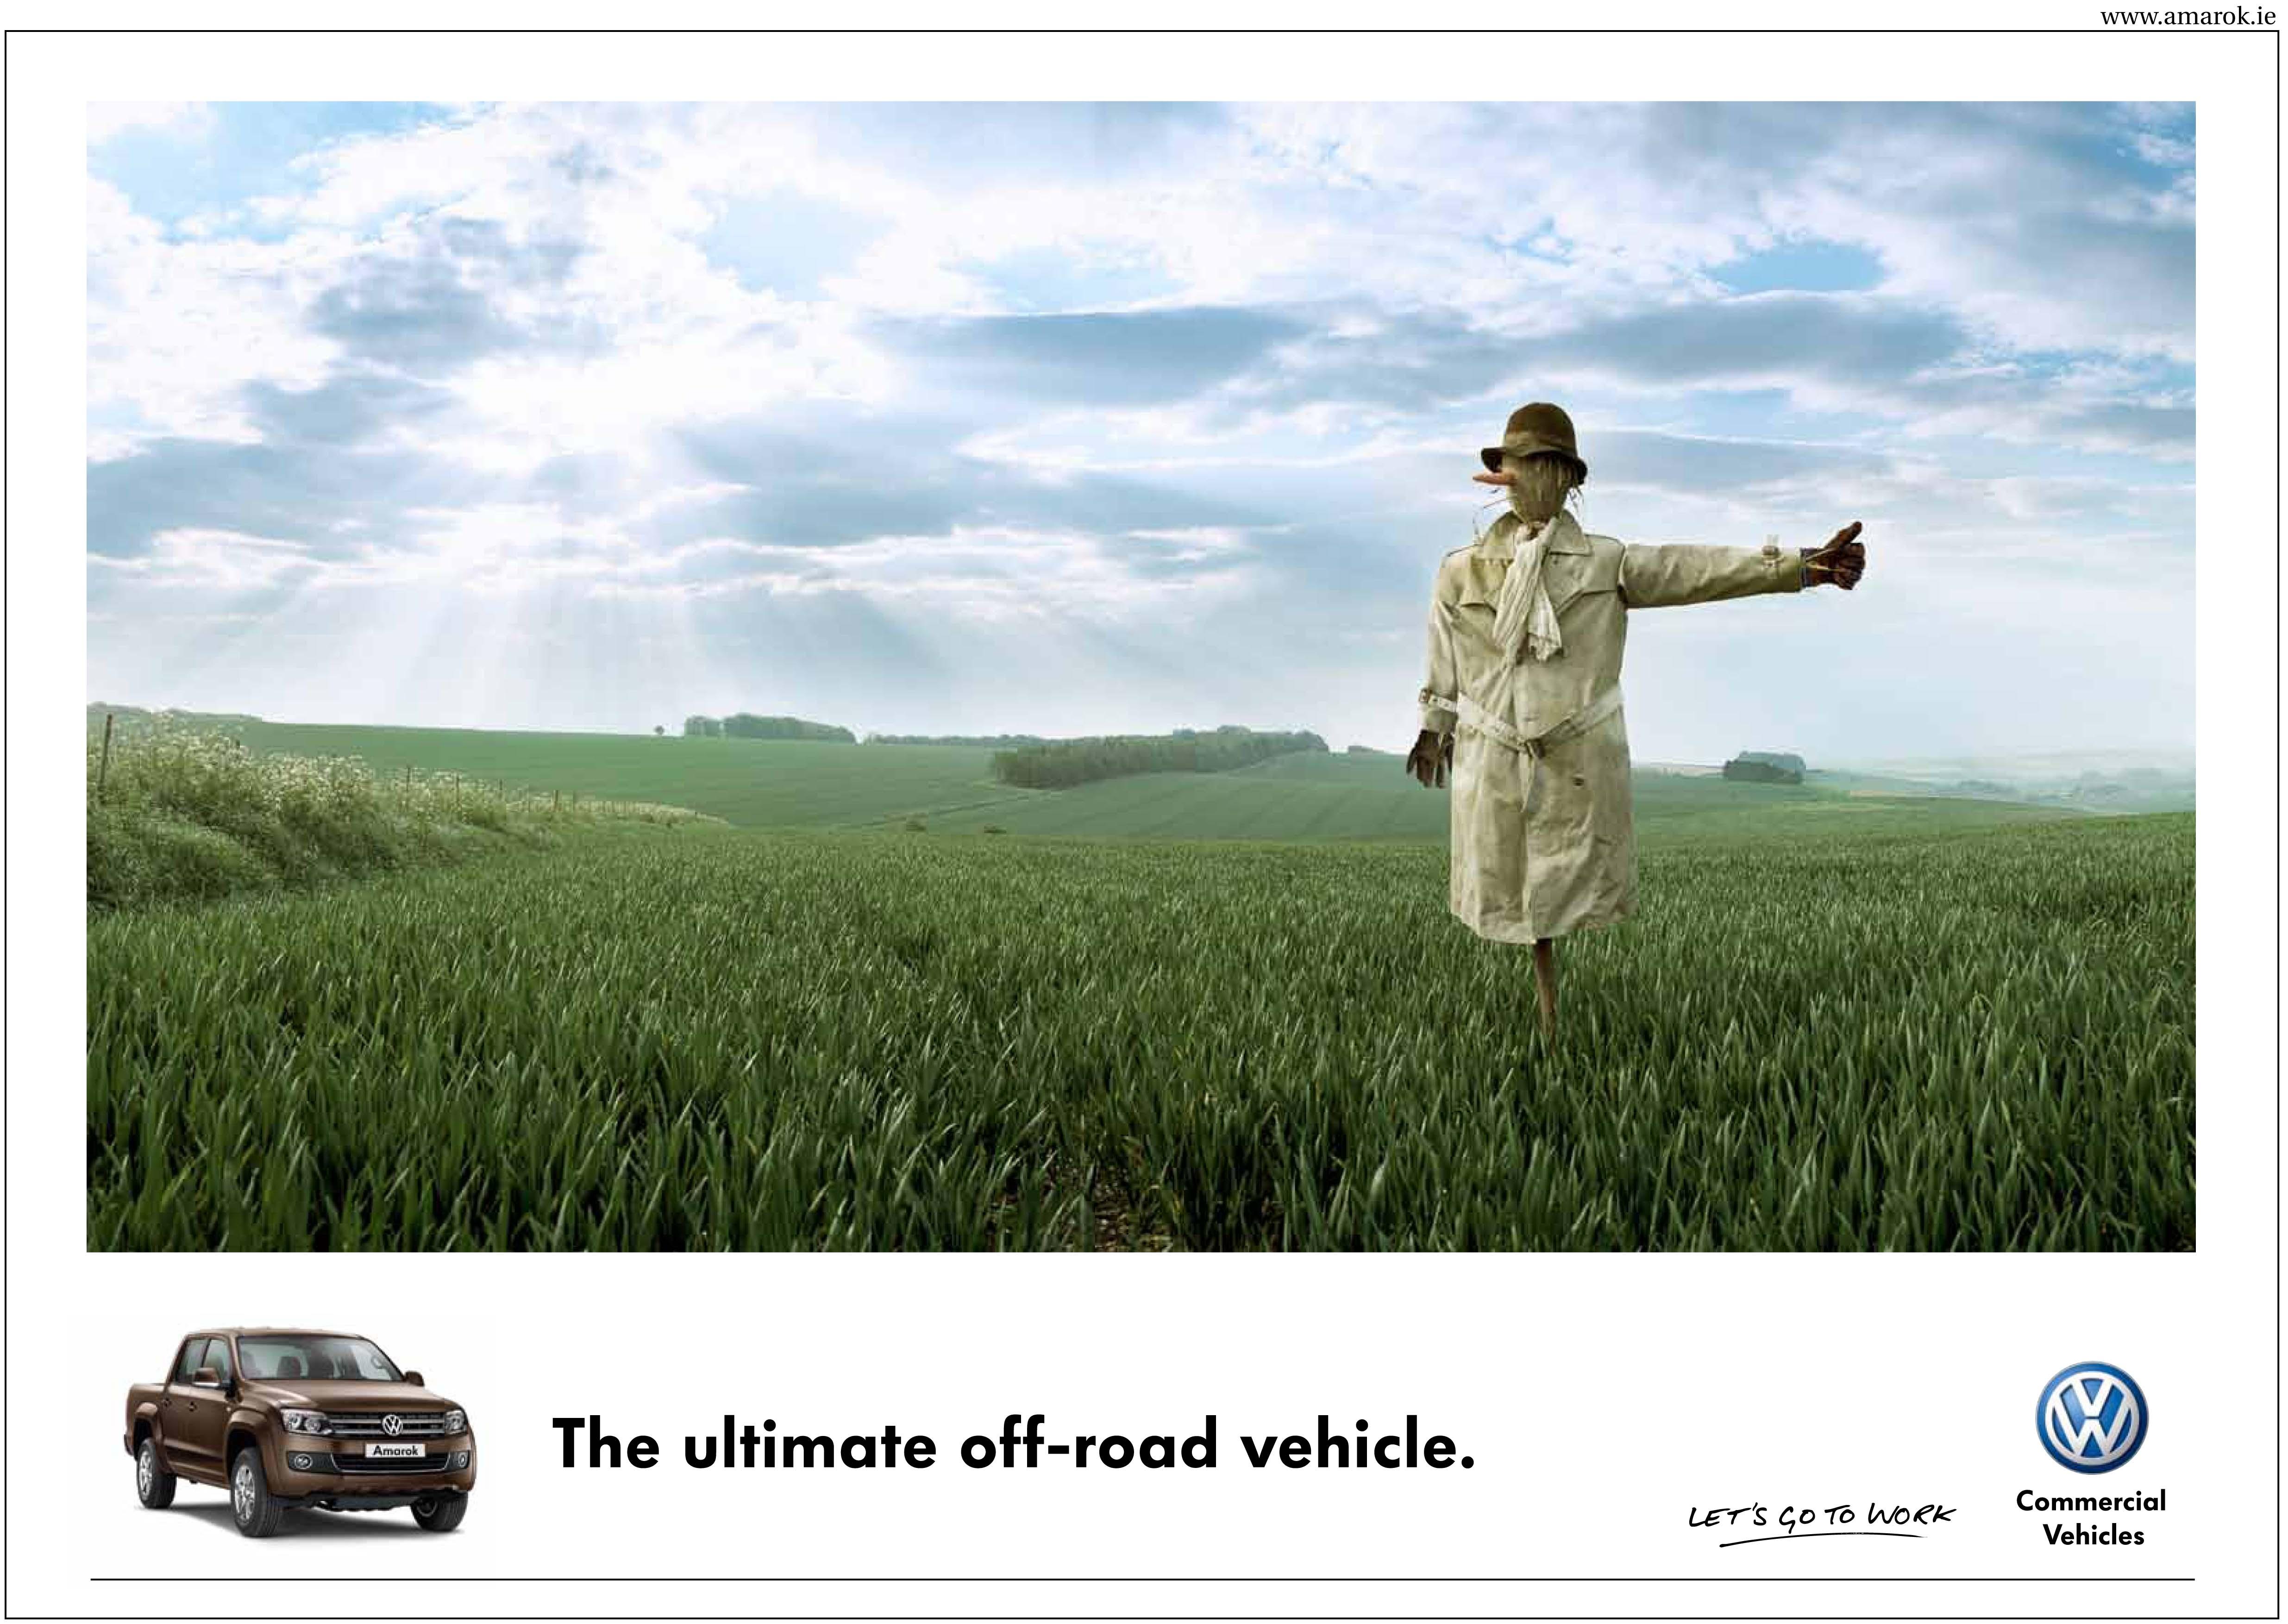 Print Ad Volkswagen Scarecrow